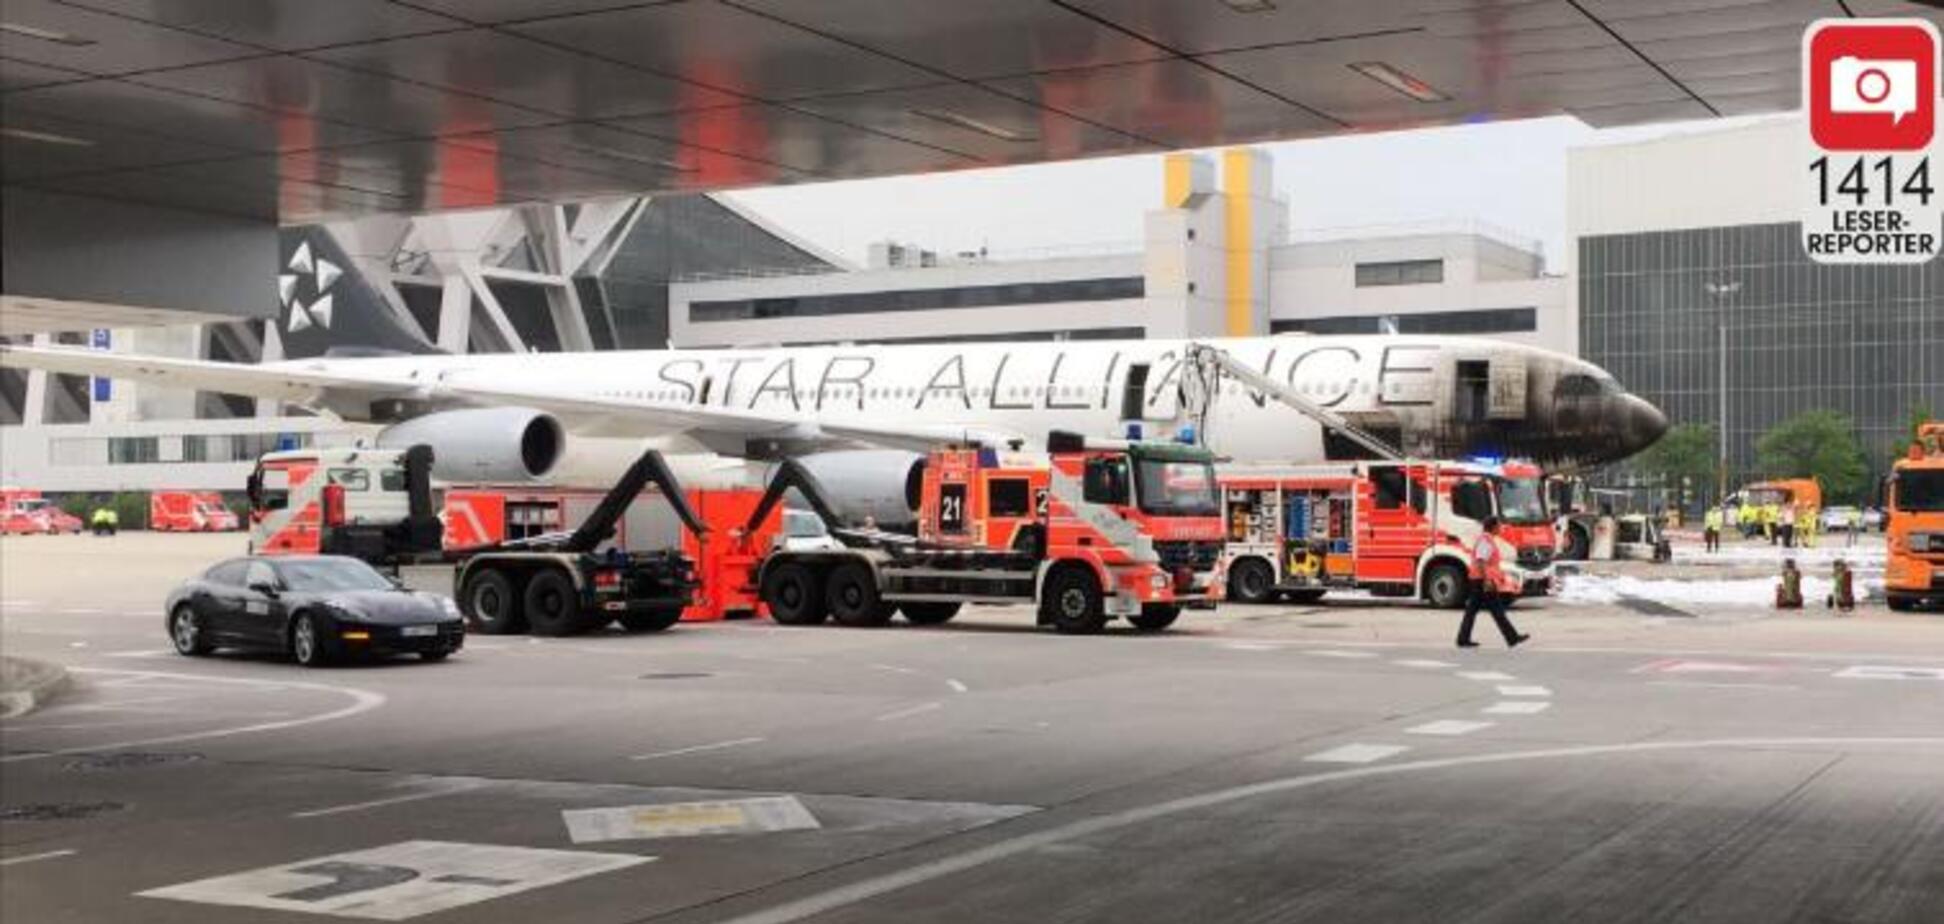 В аеропорту Франкфурта загорівся літак, є постраждалі: фоторепортаж з місця НП